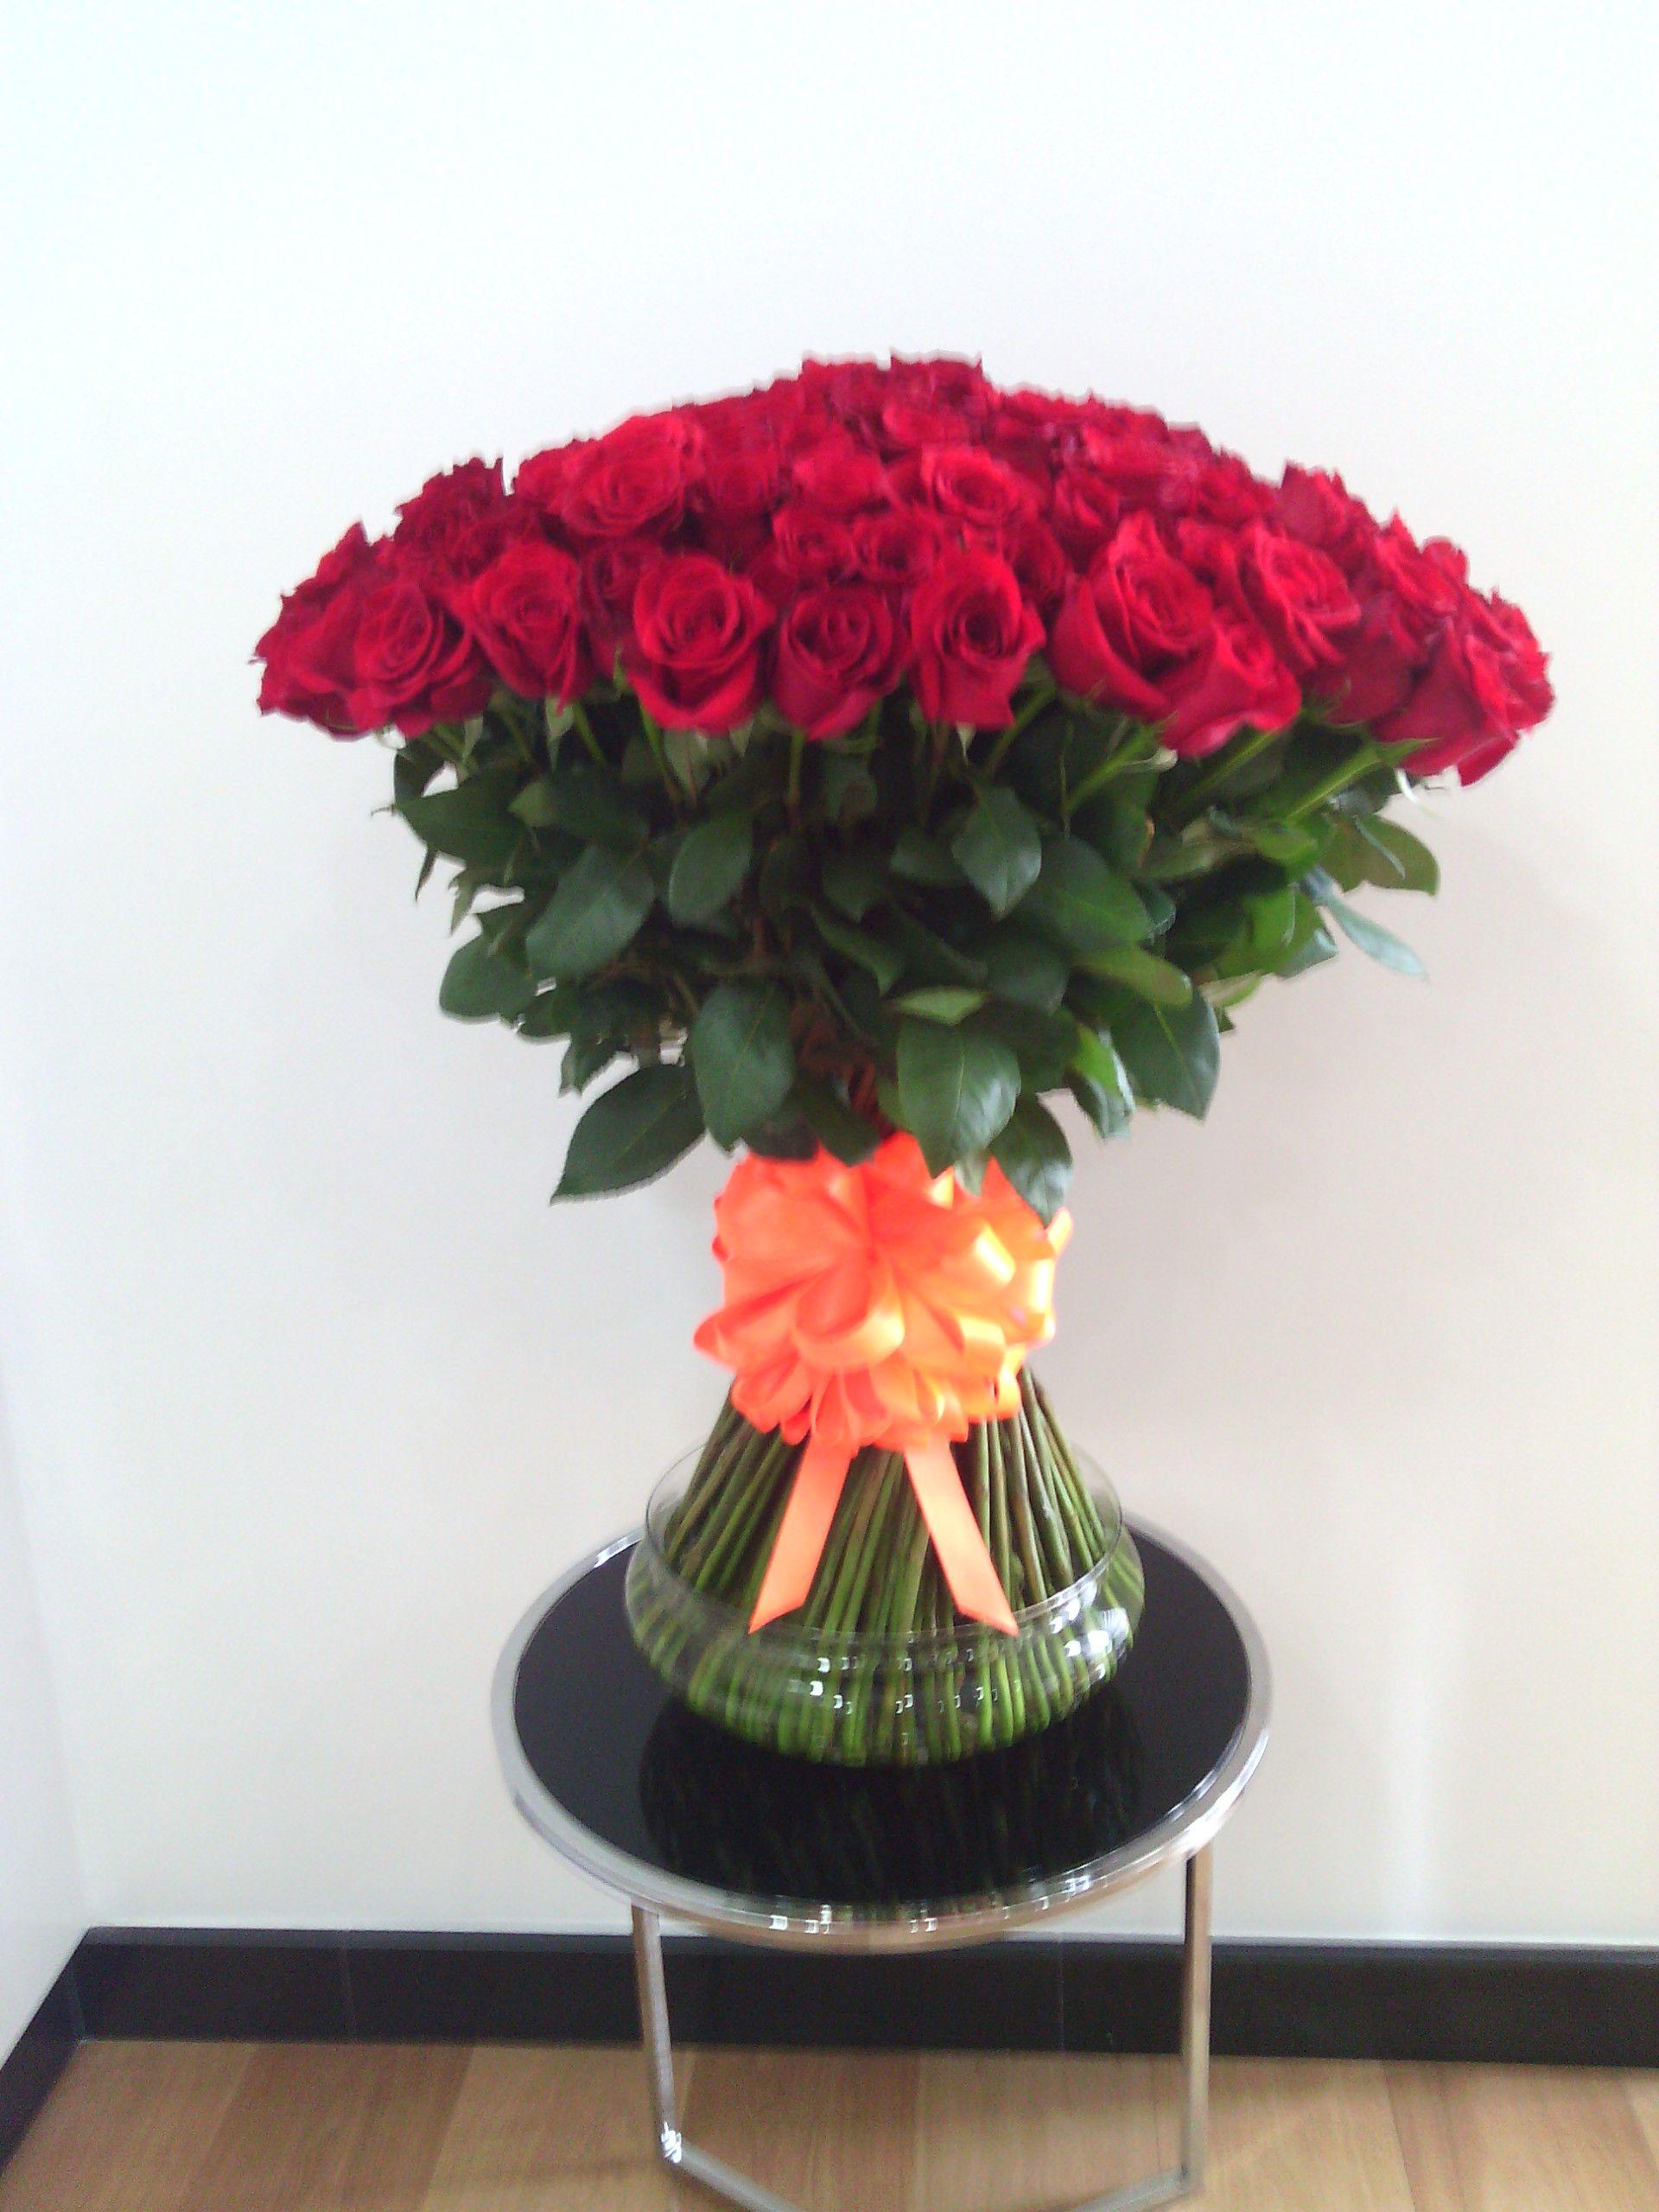 150 rosas en diseño autosontenido decoradas con moño de regalo